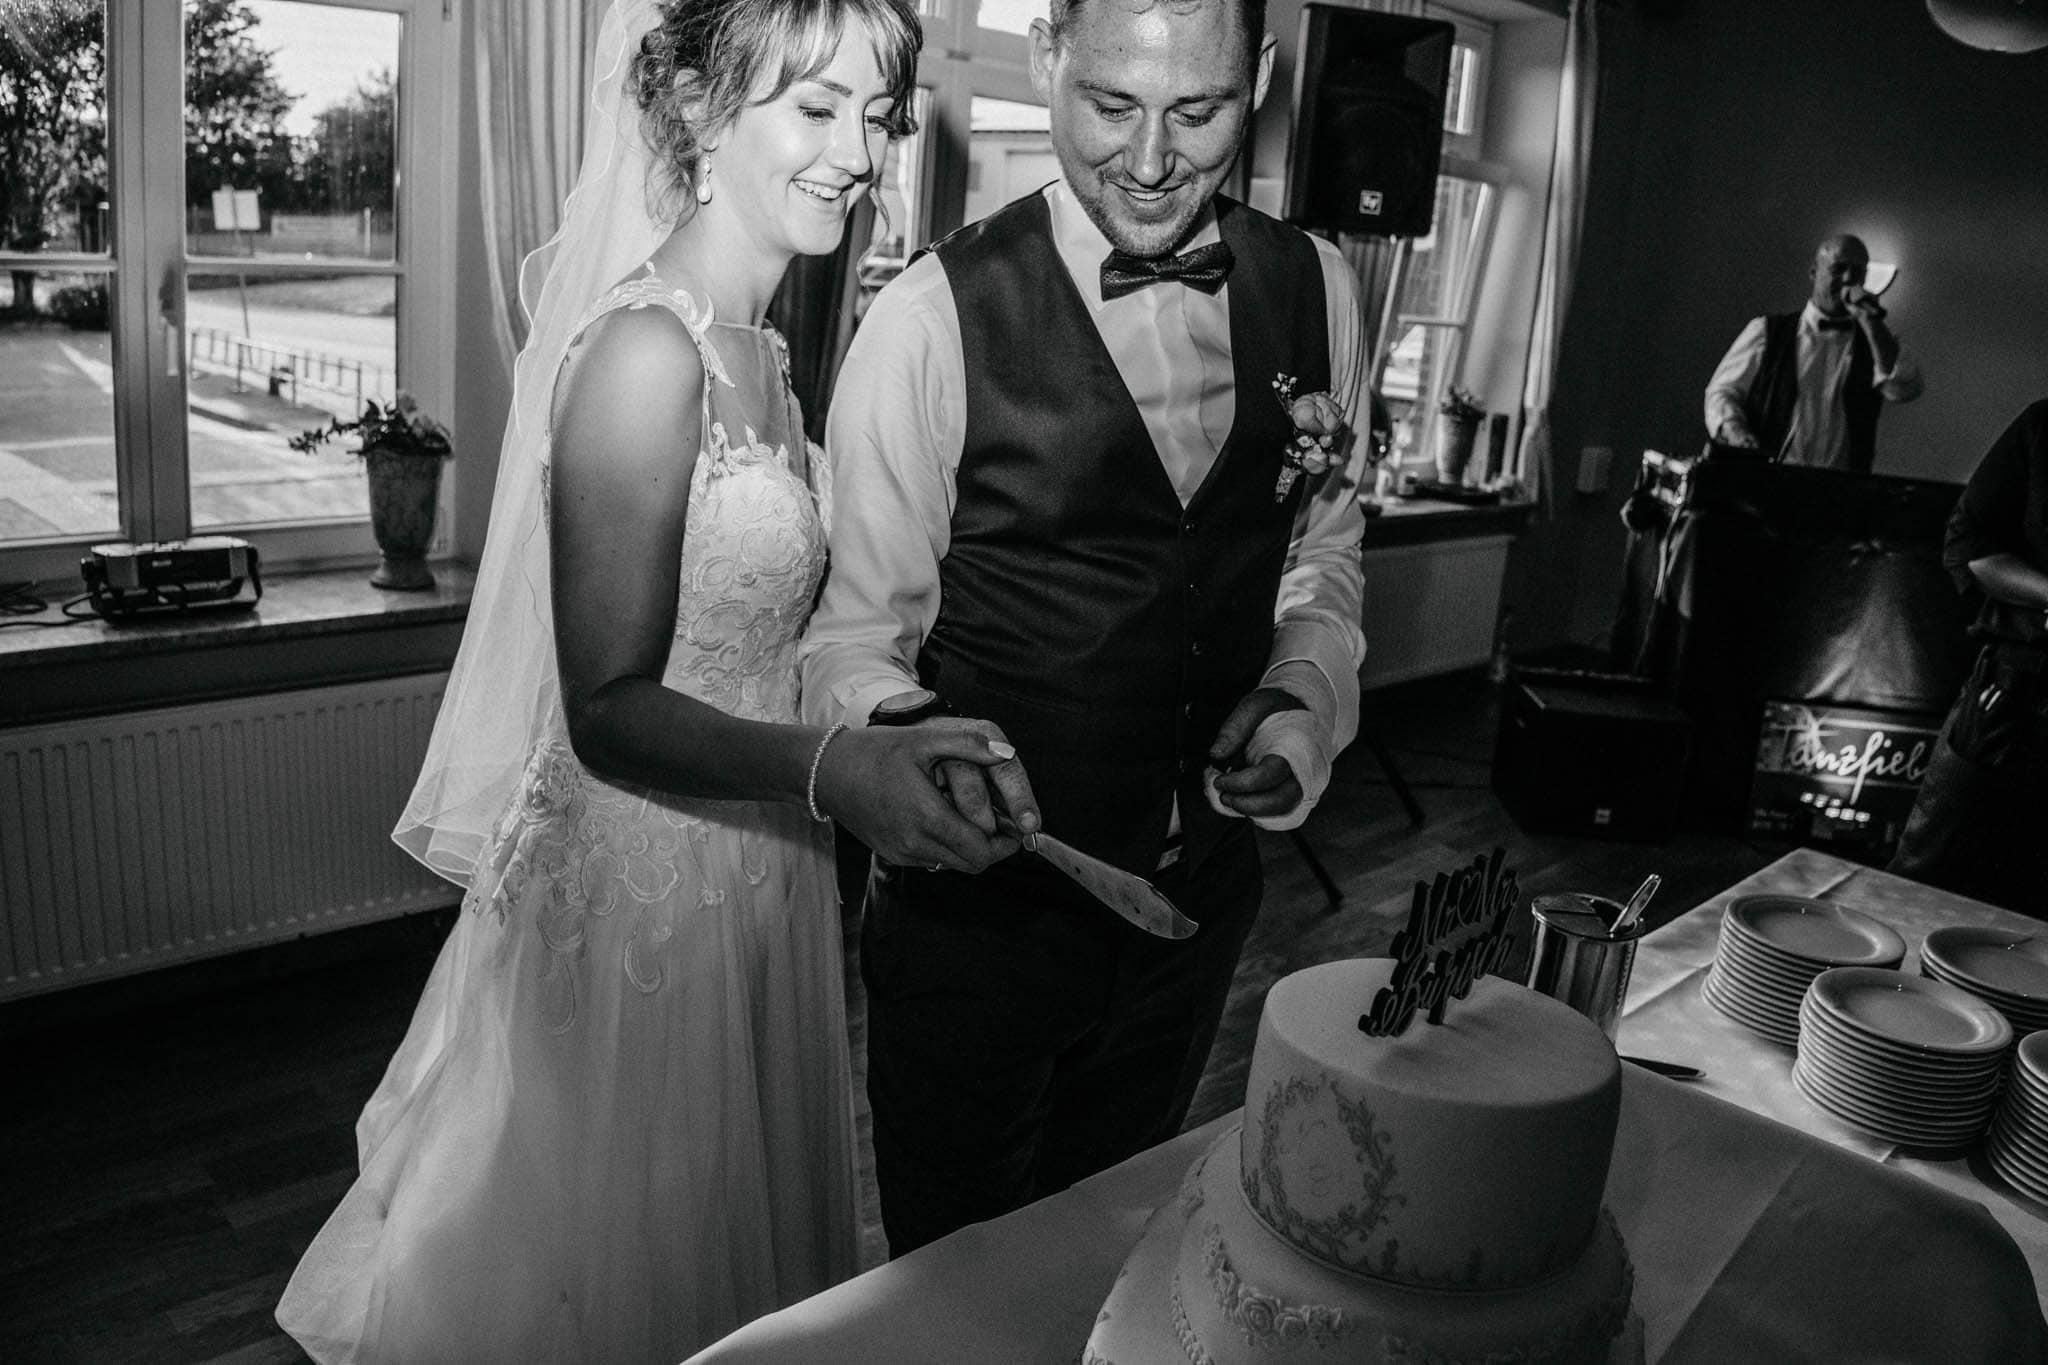 Hochzeitsfieber by Photo-Schomburg, Hoichzeitsfotograf, Hamburg, Wedding, Weddingtime, Hochzeitspaar, Braut, Bräutigam, Hochzeit im Norden,-123